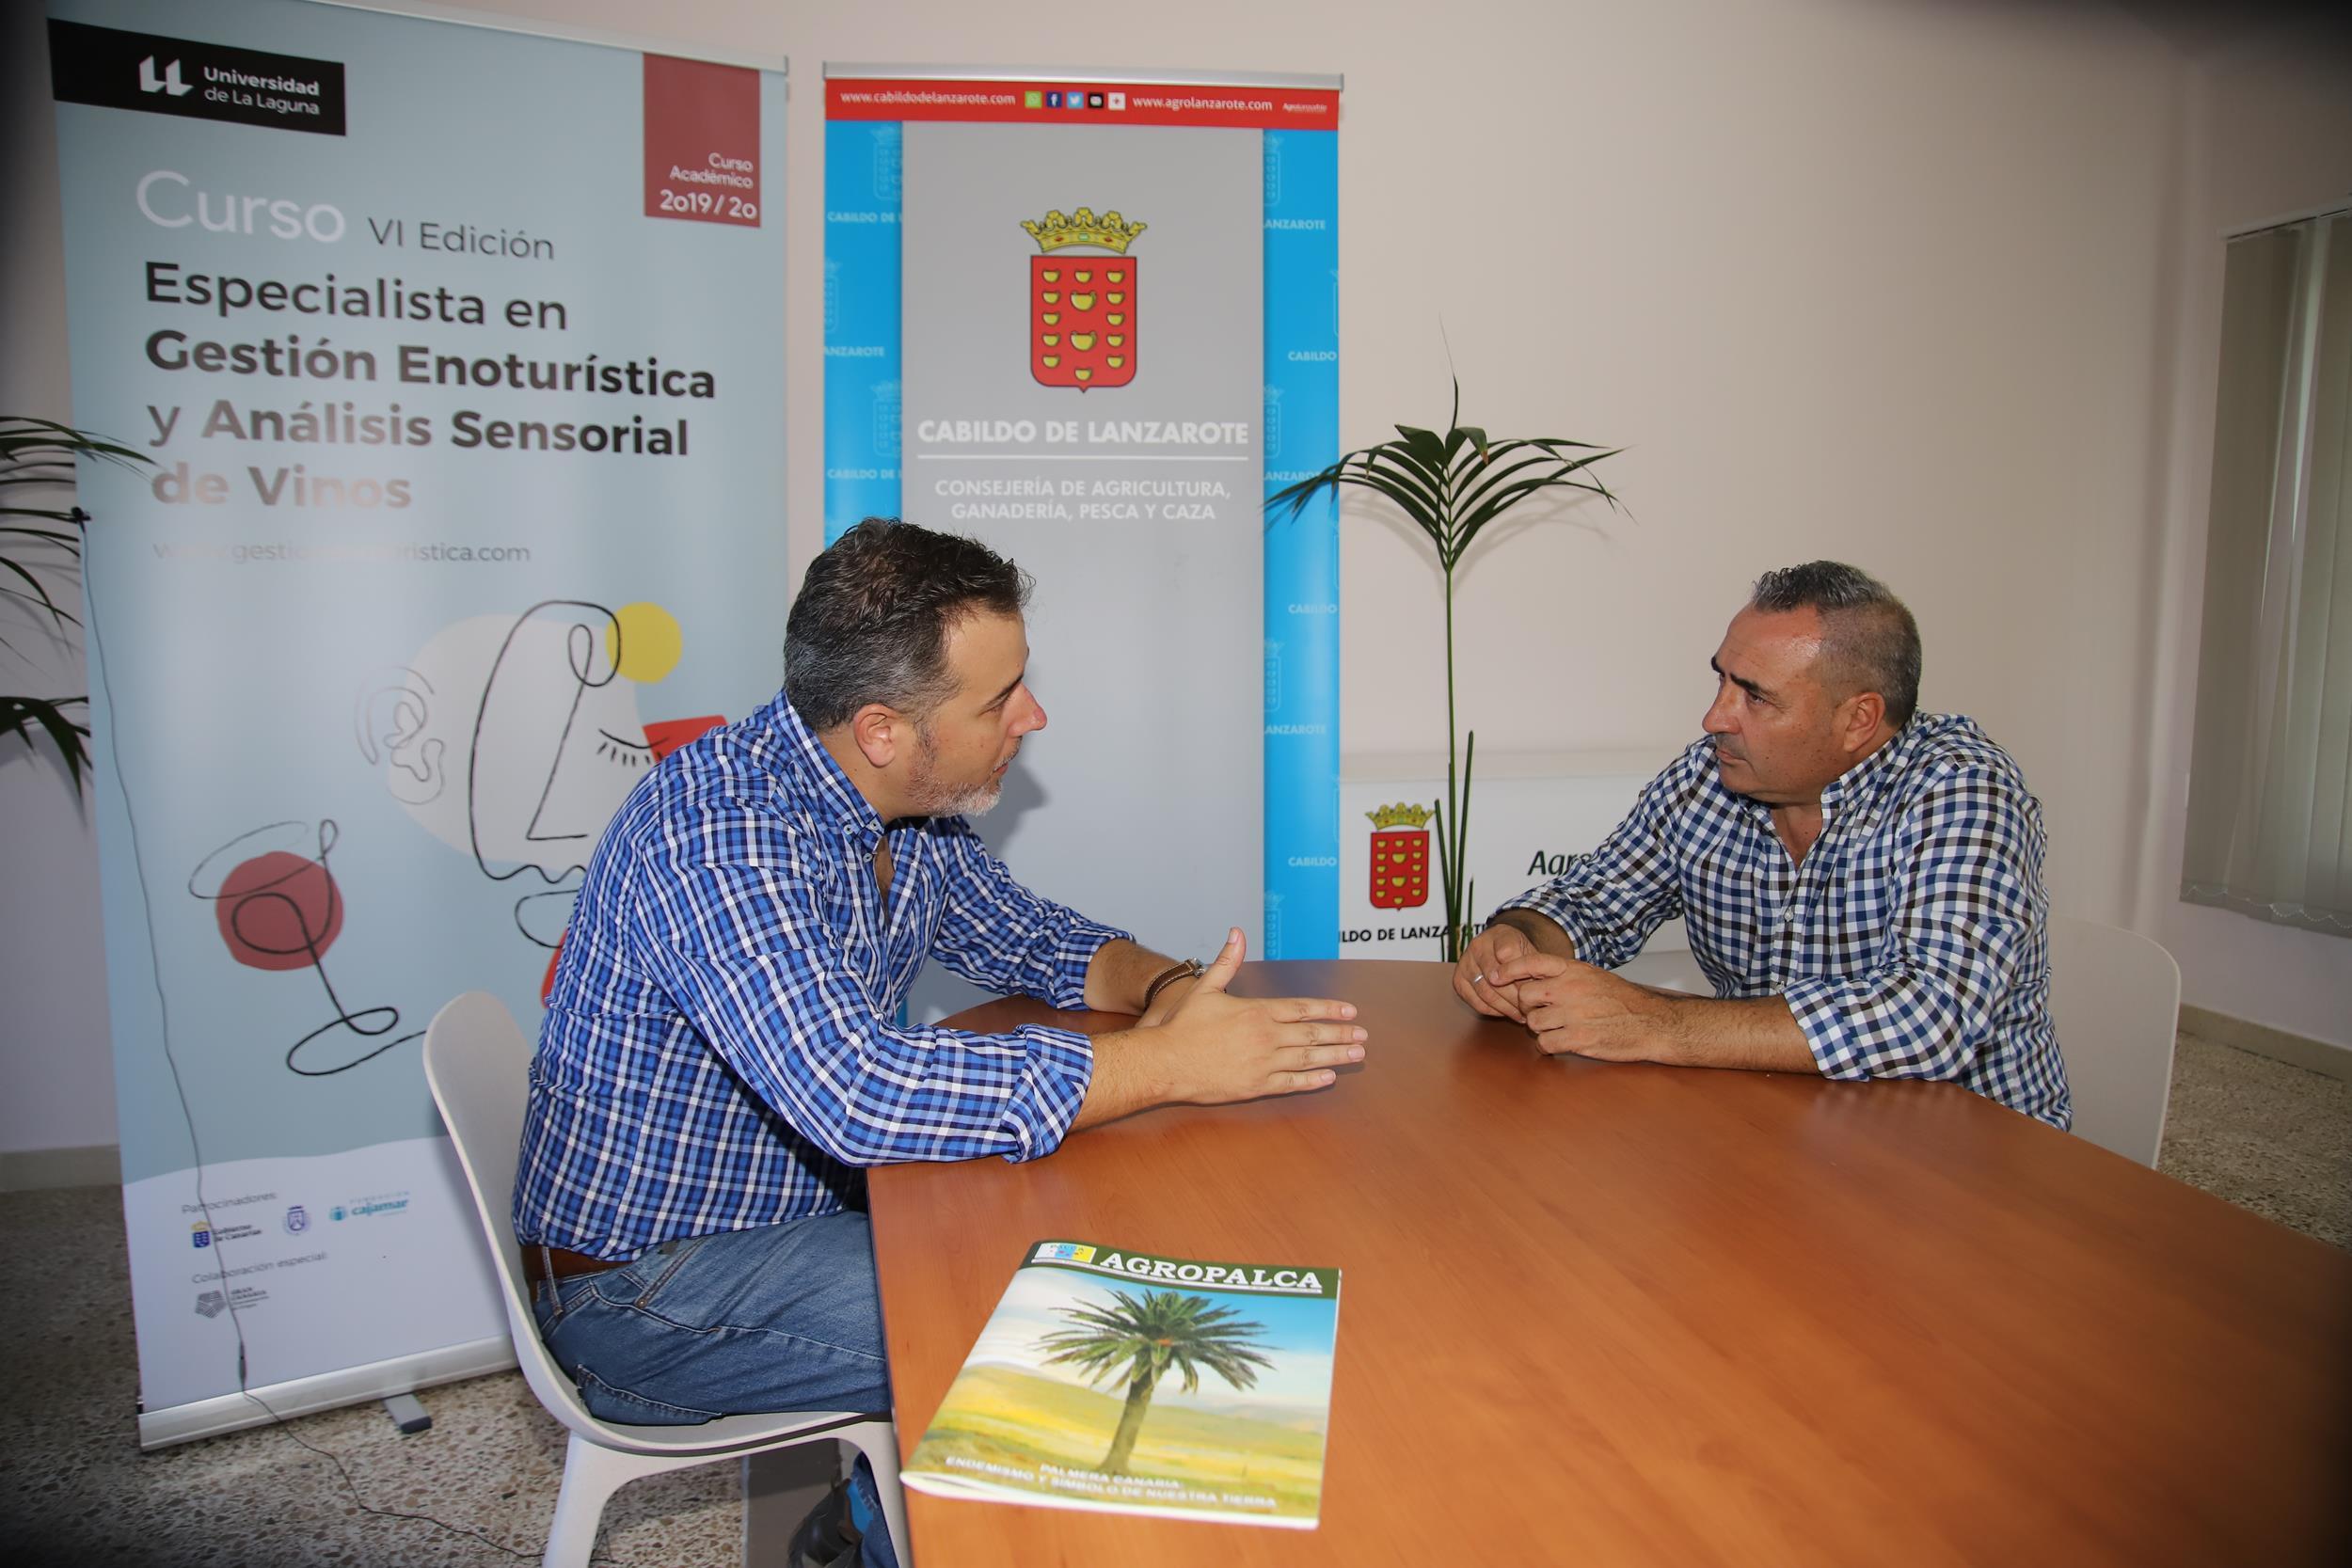 Lanzarote acoge el Taller 'Acercamiento al sector vitivinícola de Canarias' los próximos 8 y 9 de noviembre